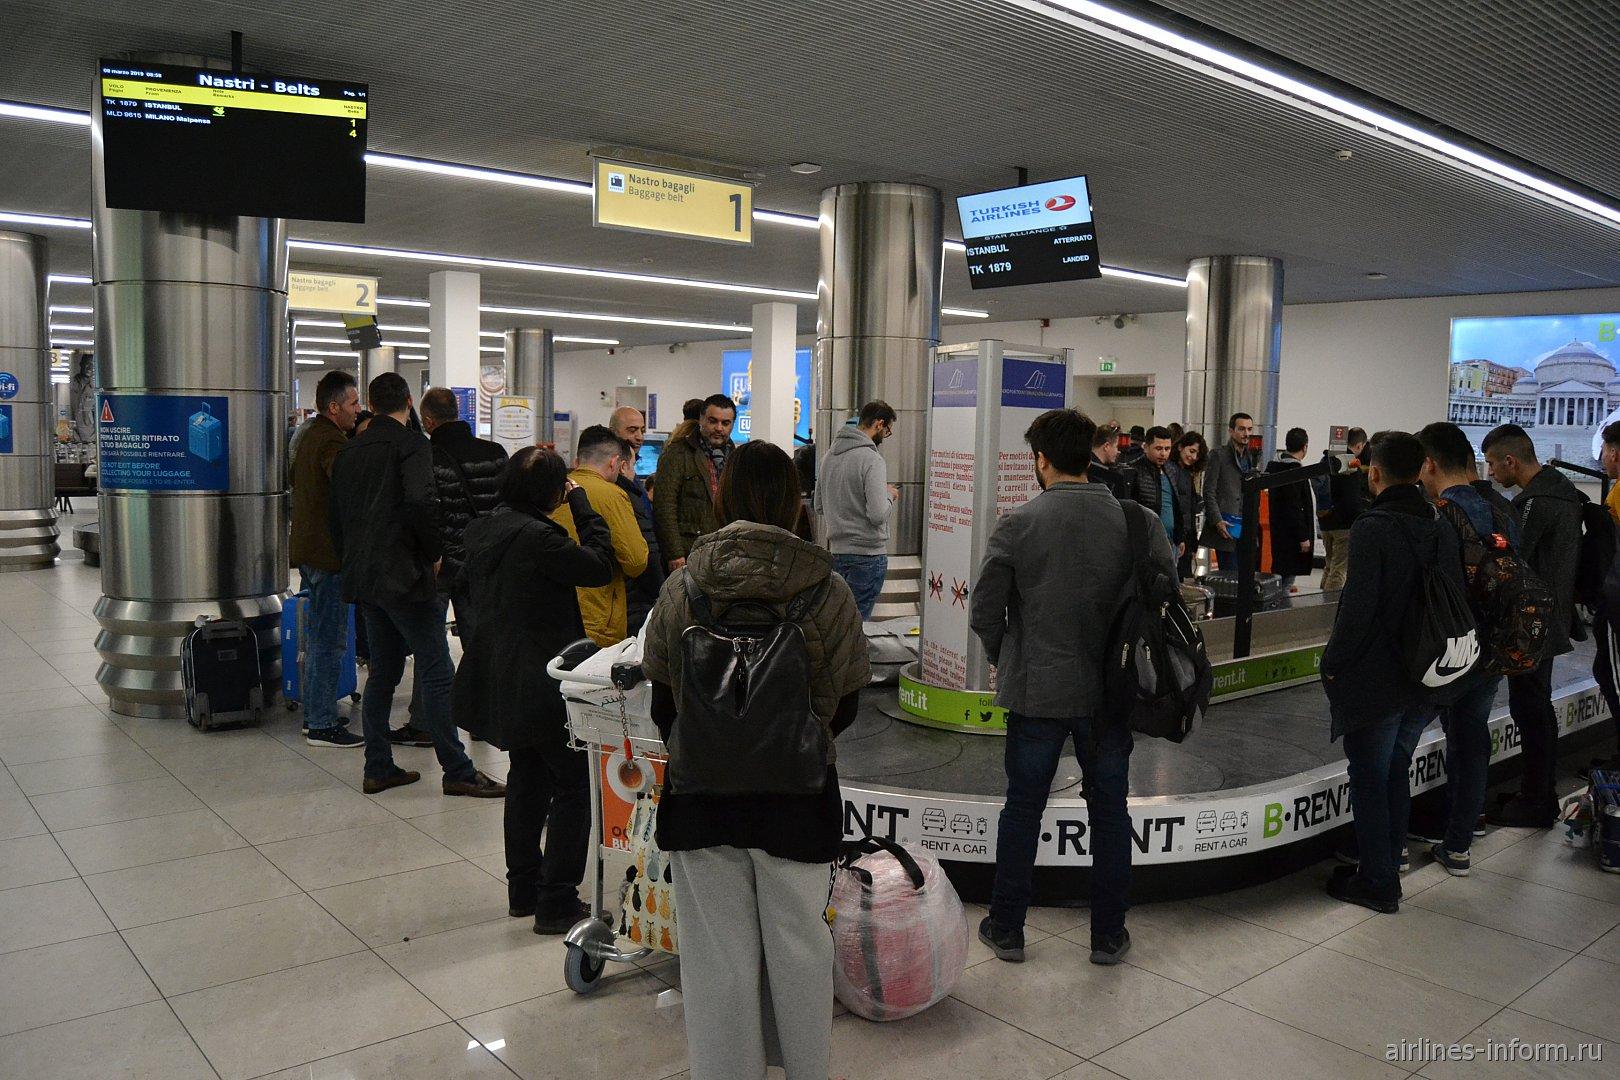 Зал выдачи багажа в аэропорту Неаполь